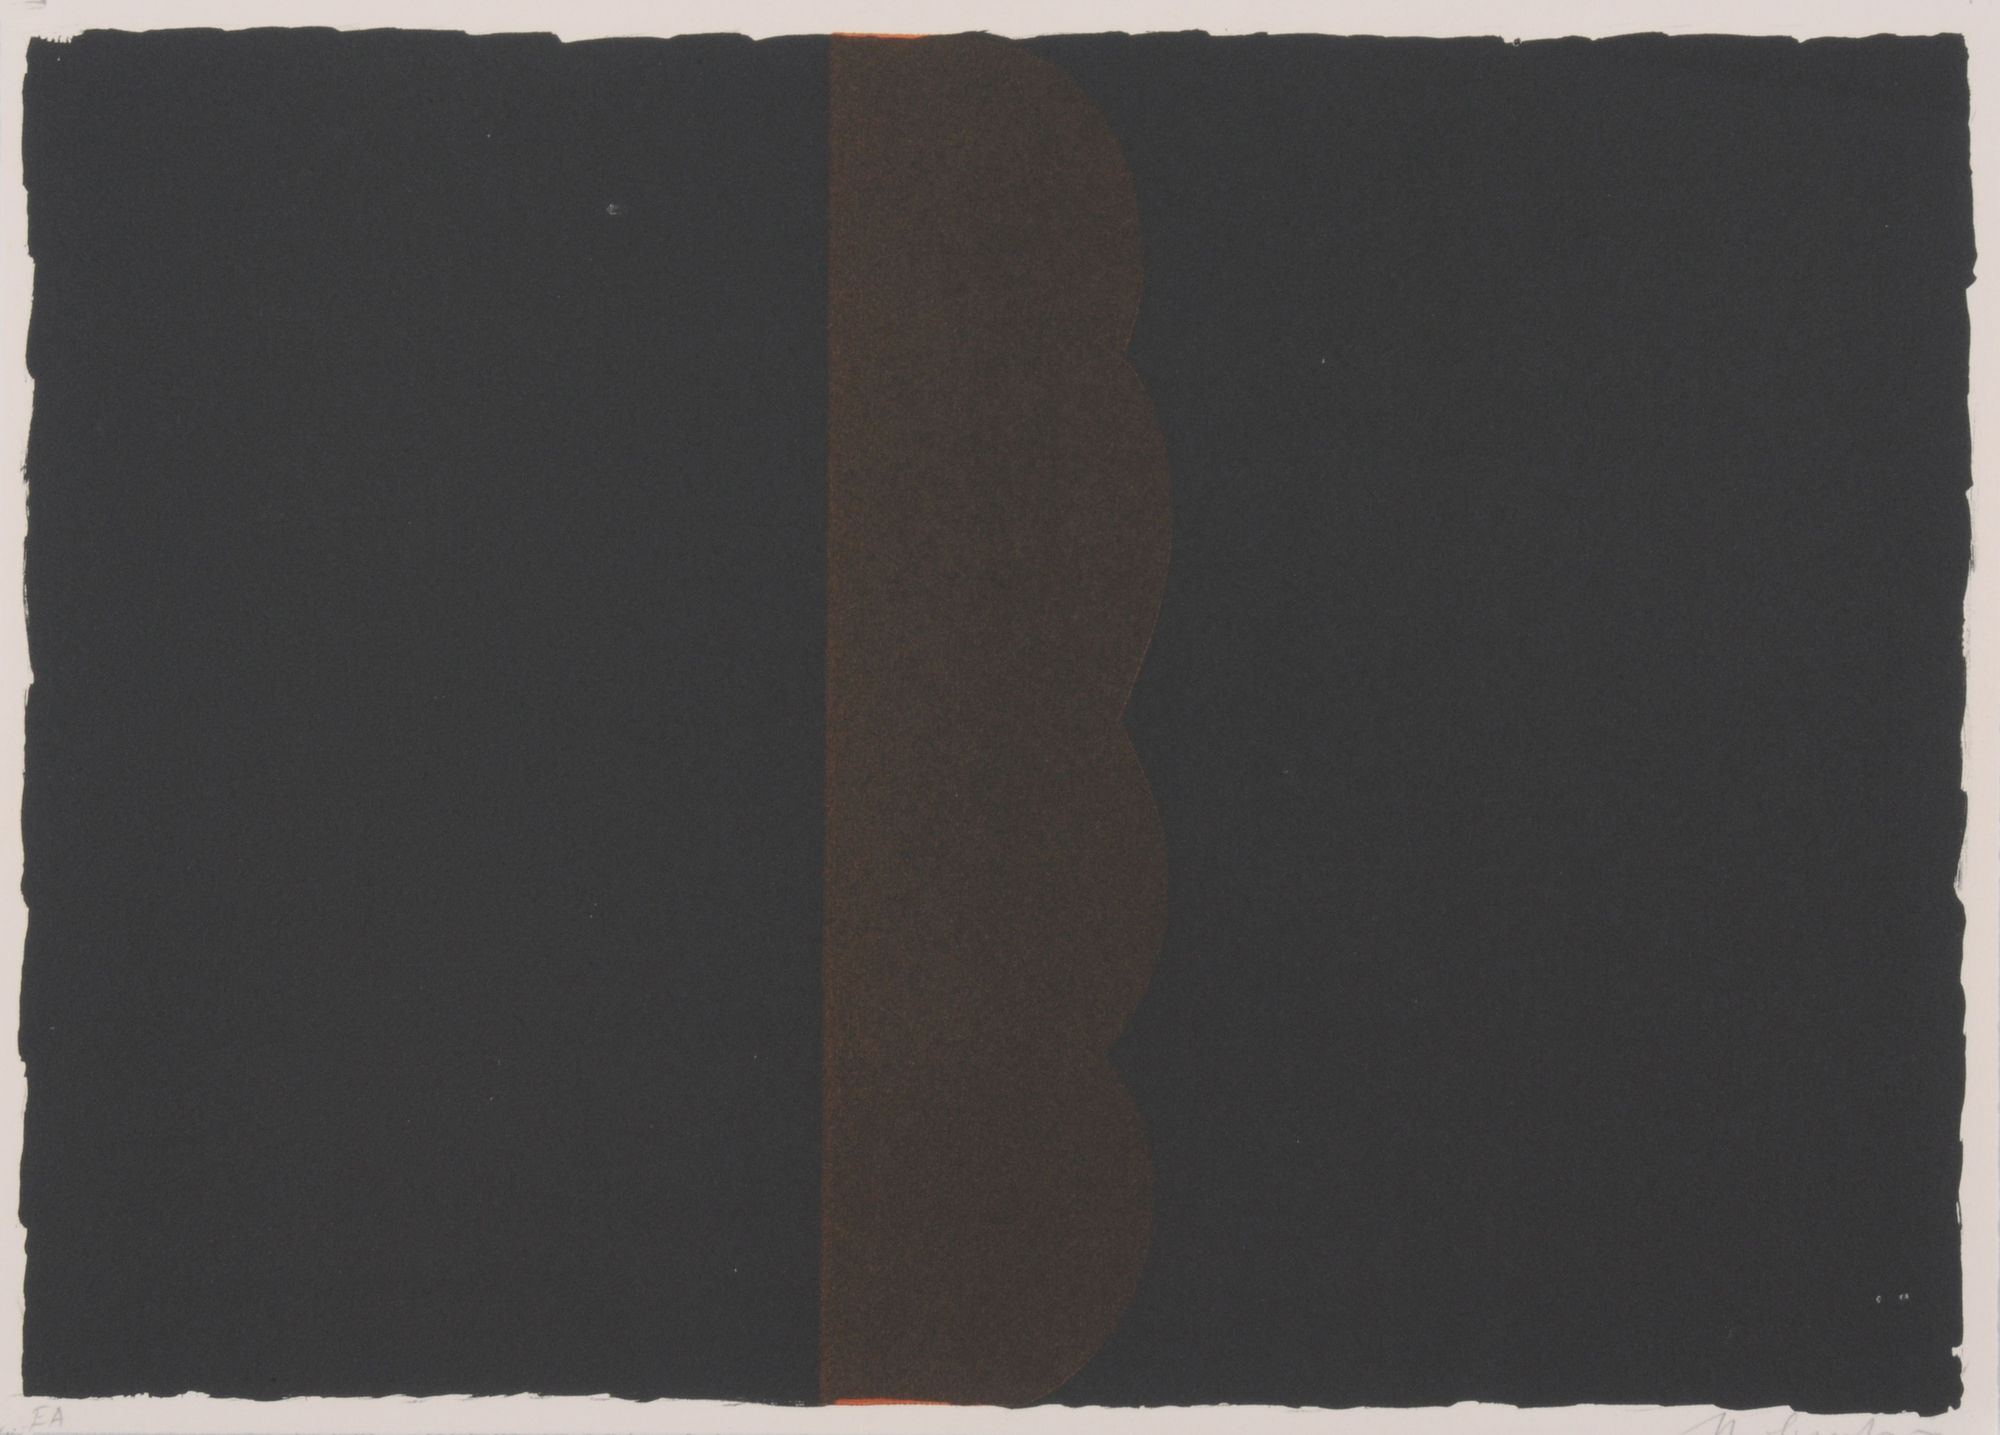 Spescha Matias, 3 sheets: Untitled